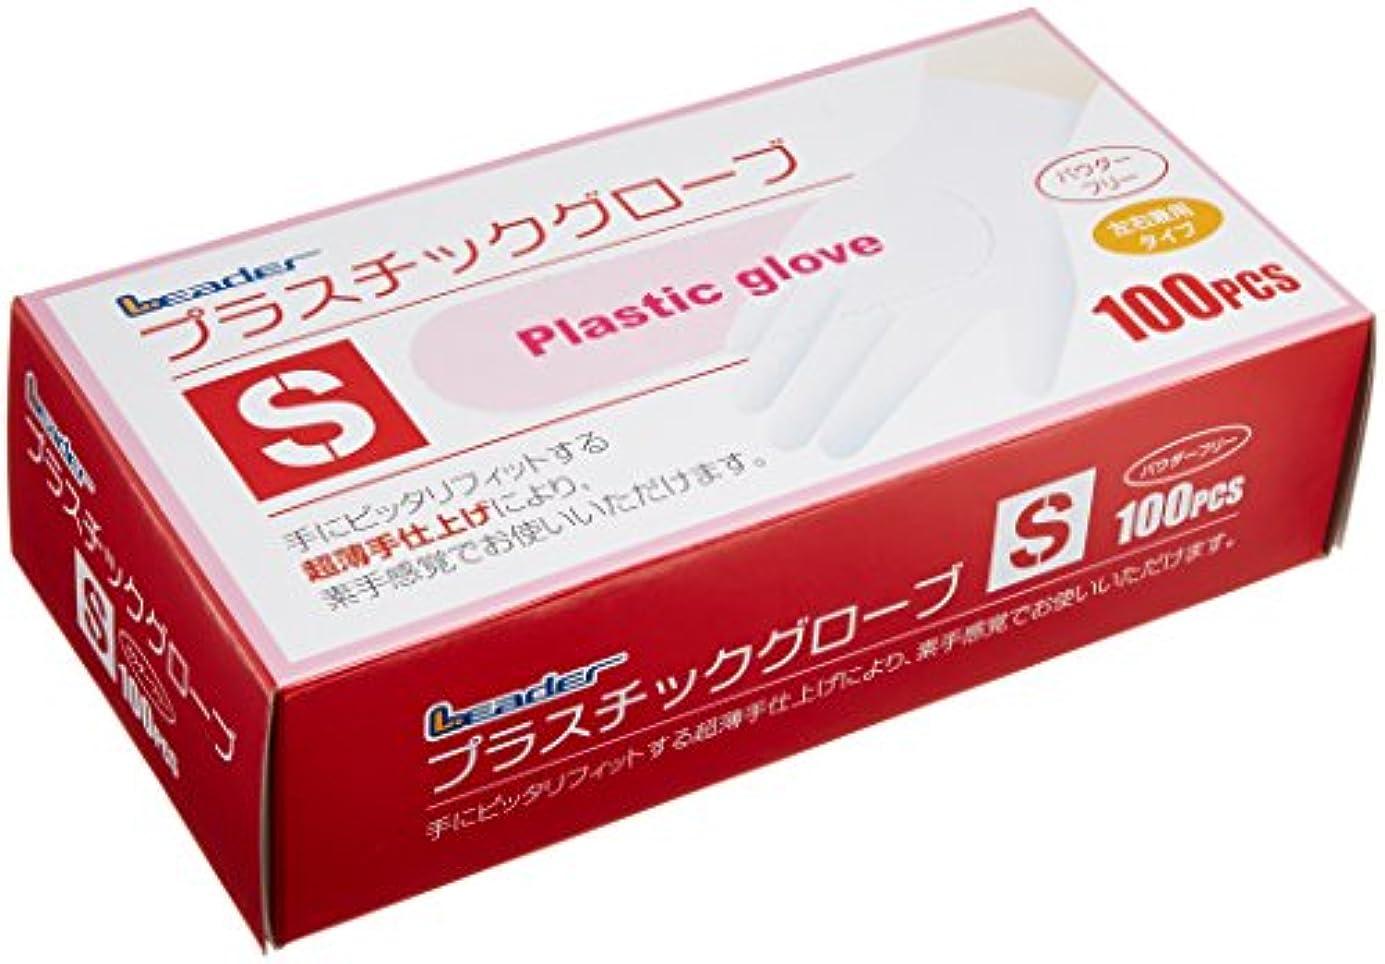 ソロ受粉する最高リーダー プラスチックグローブ Sサイズ 100枚入